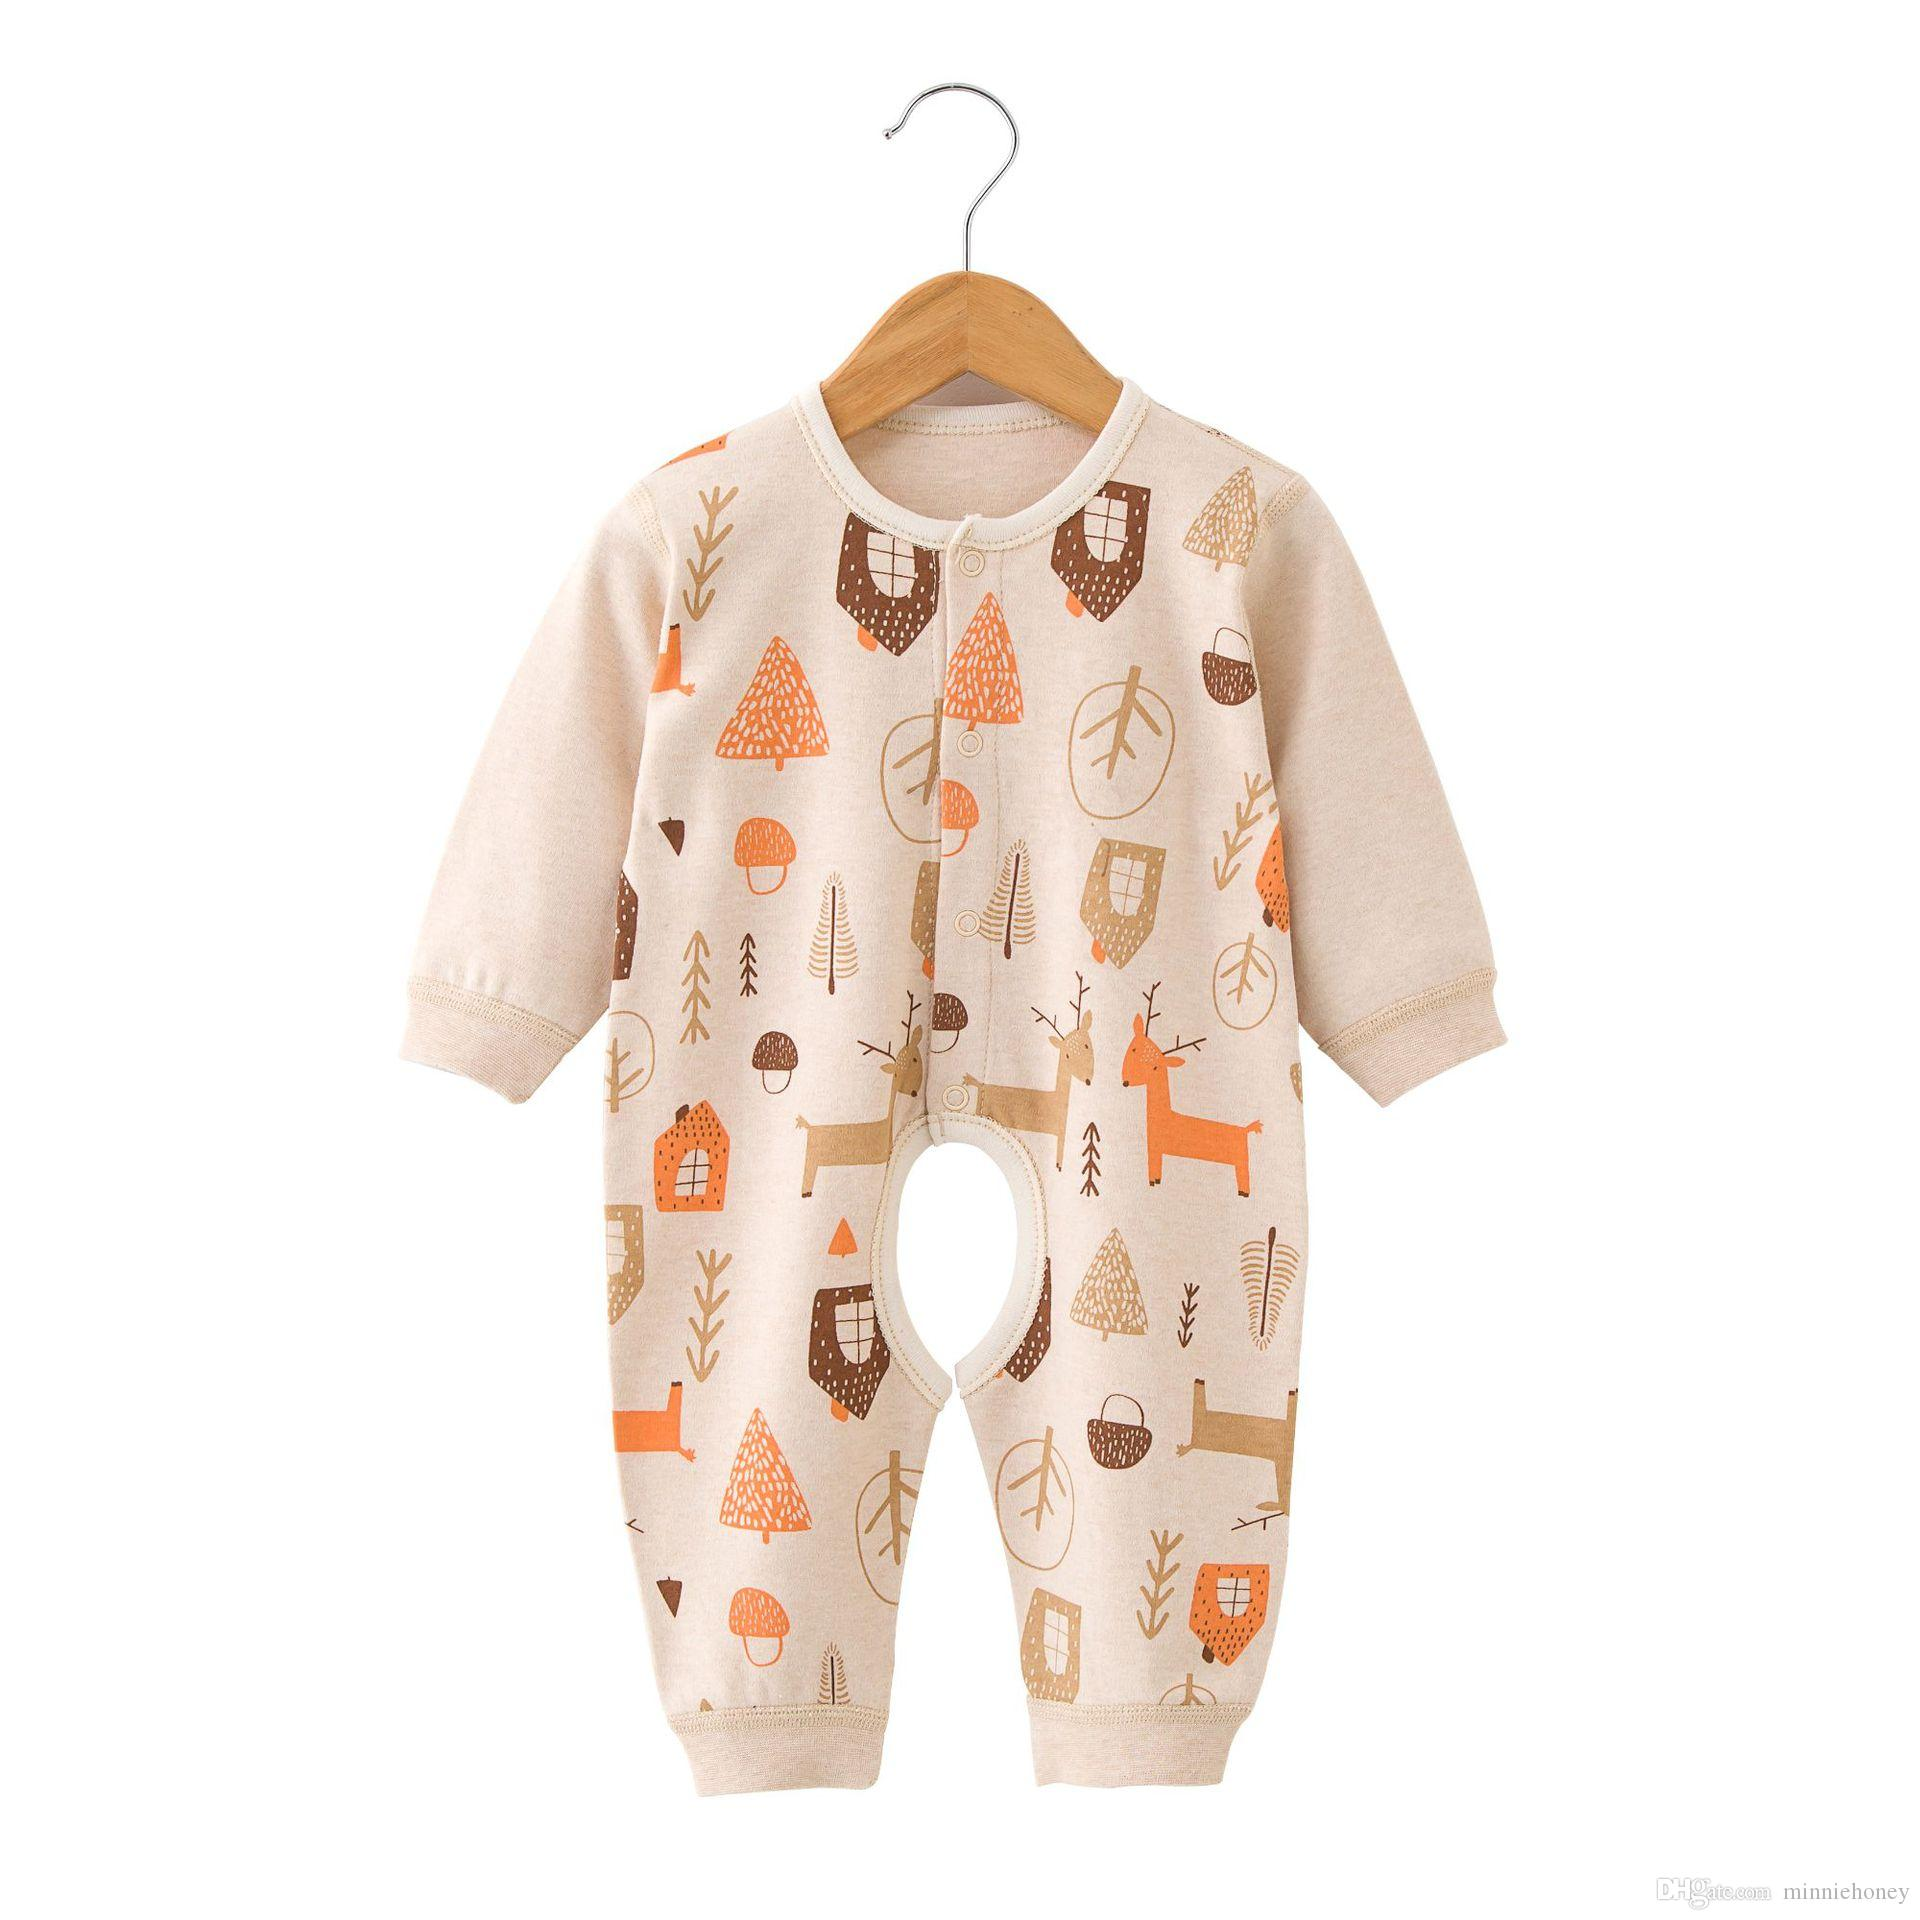 9fd0e37f8a96 2019 Kids Baby Boy Girl Romper Colored Organic Pure Cotton Romper ...